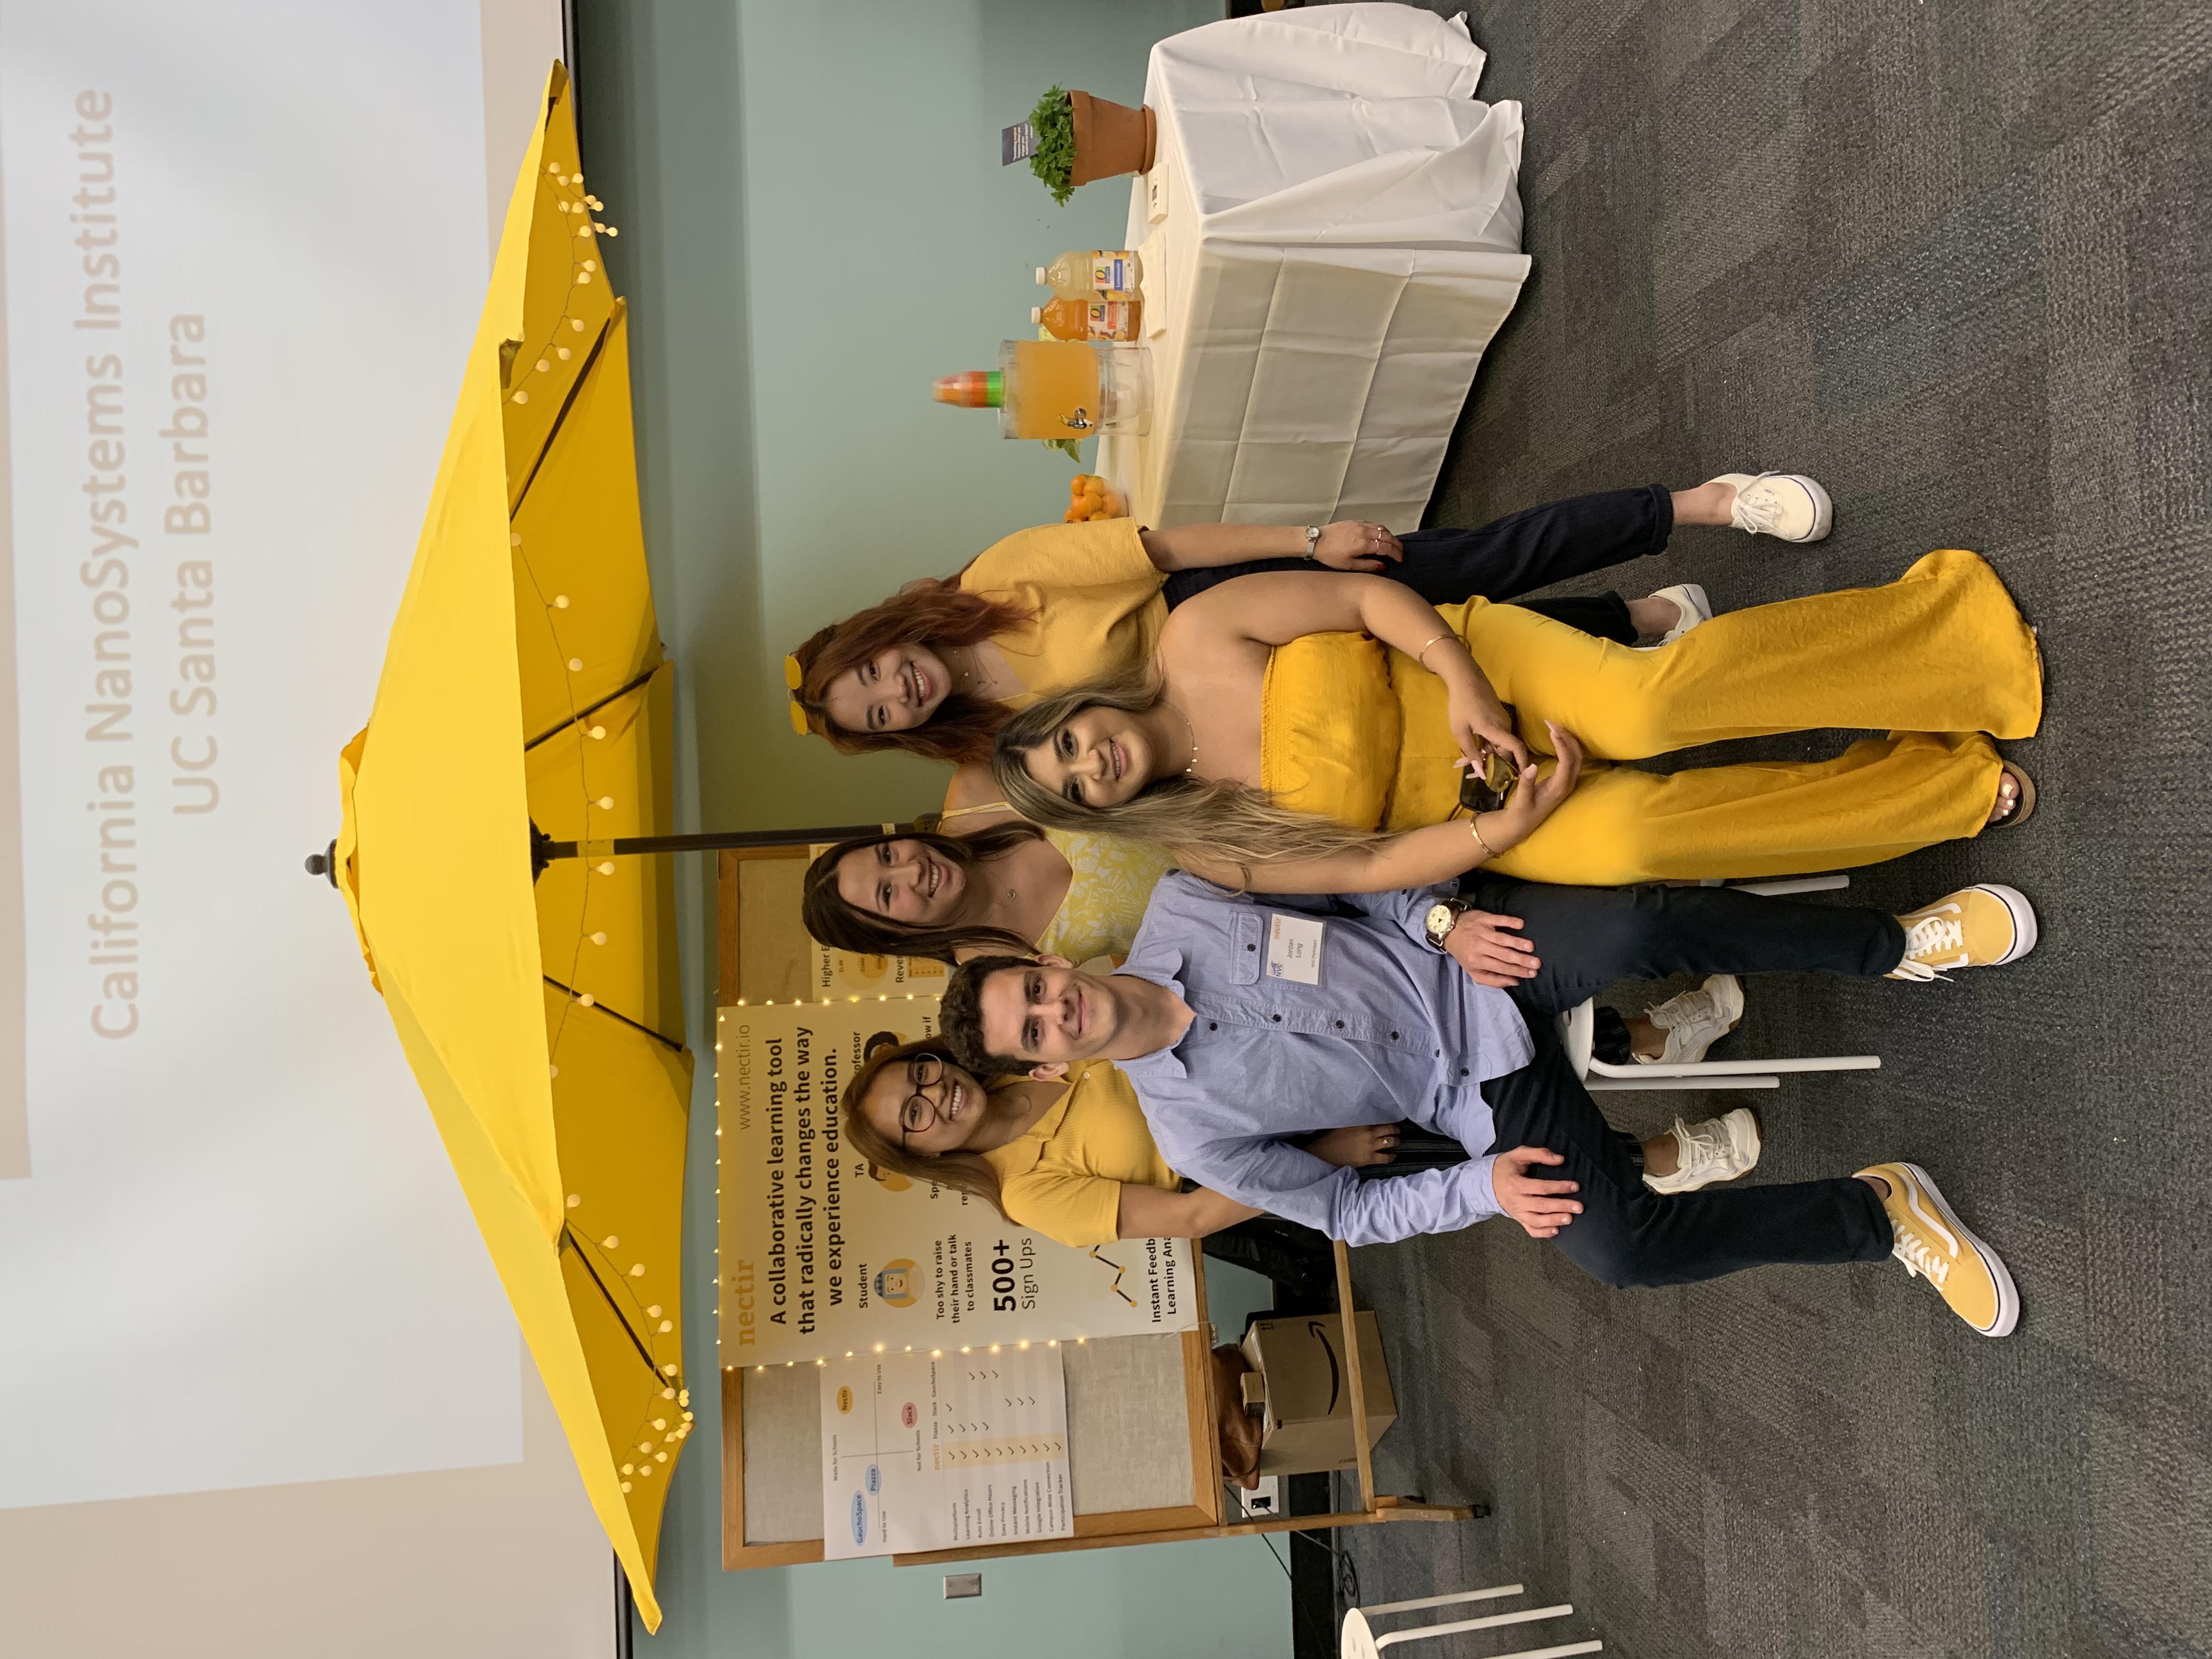 The Nectir team at the UCSB NVC fair.